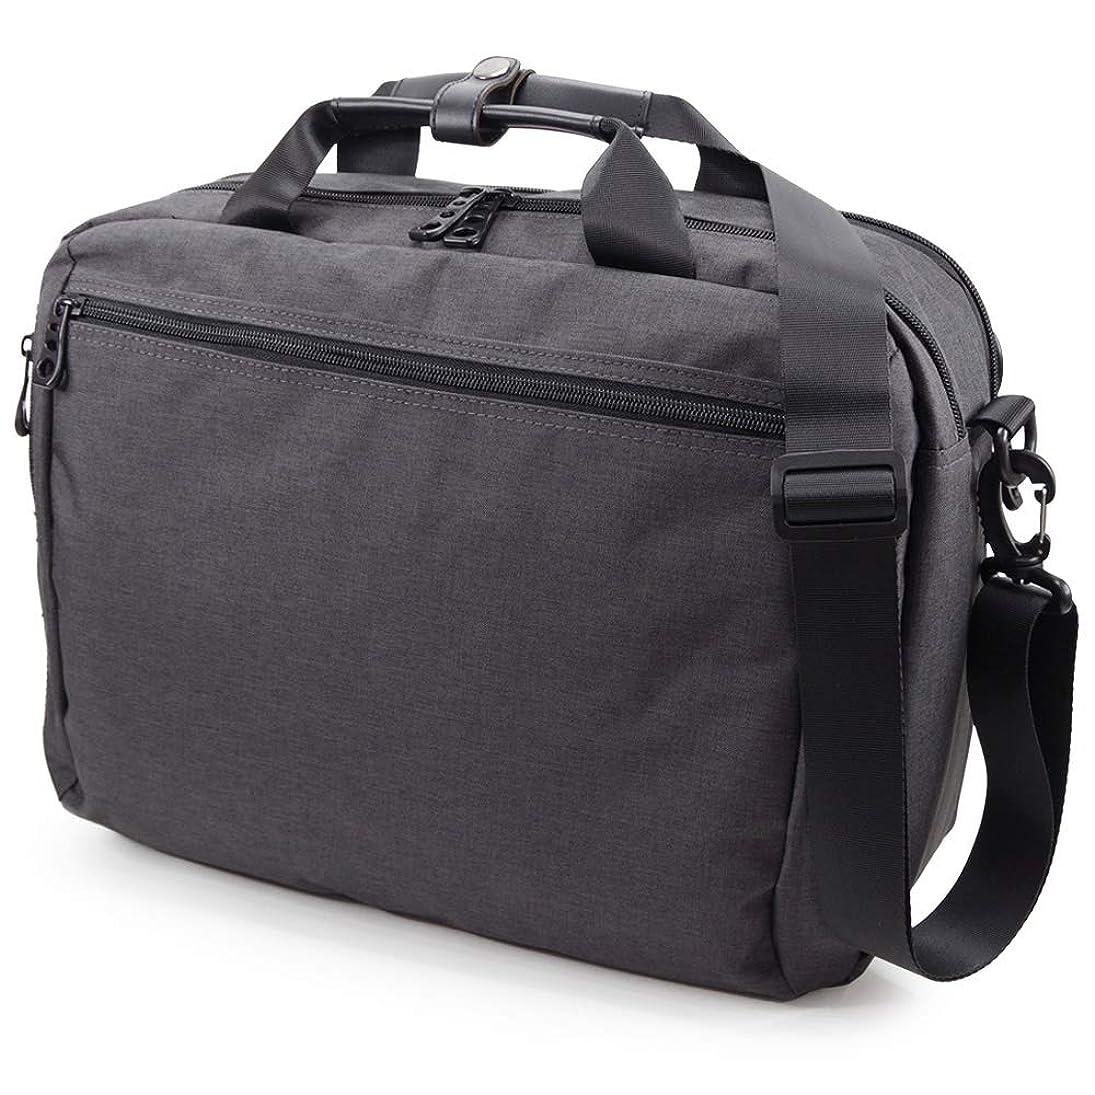 なかなか面積落花生(Marib select) 3WAY ビジネスバッグ ショルダーバッグ リュックサックにもなる 撥水機能 A4 ウレタン入り PCバッグ キャリーオン ブリーフケース メンズ 通勤 営業鞄 バッグ #c365